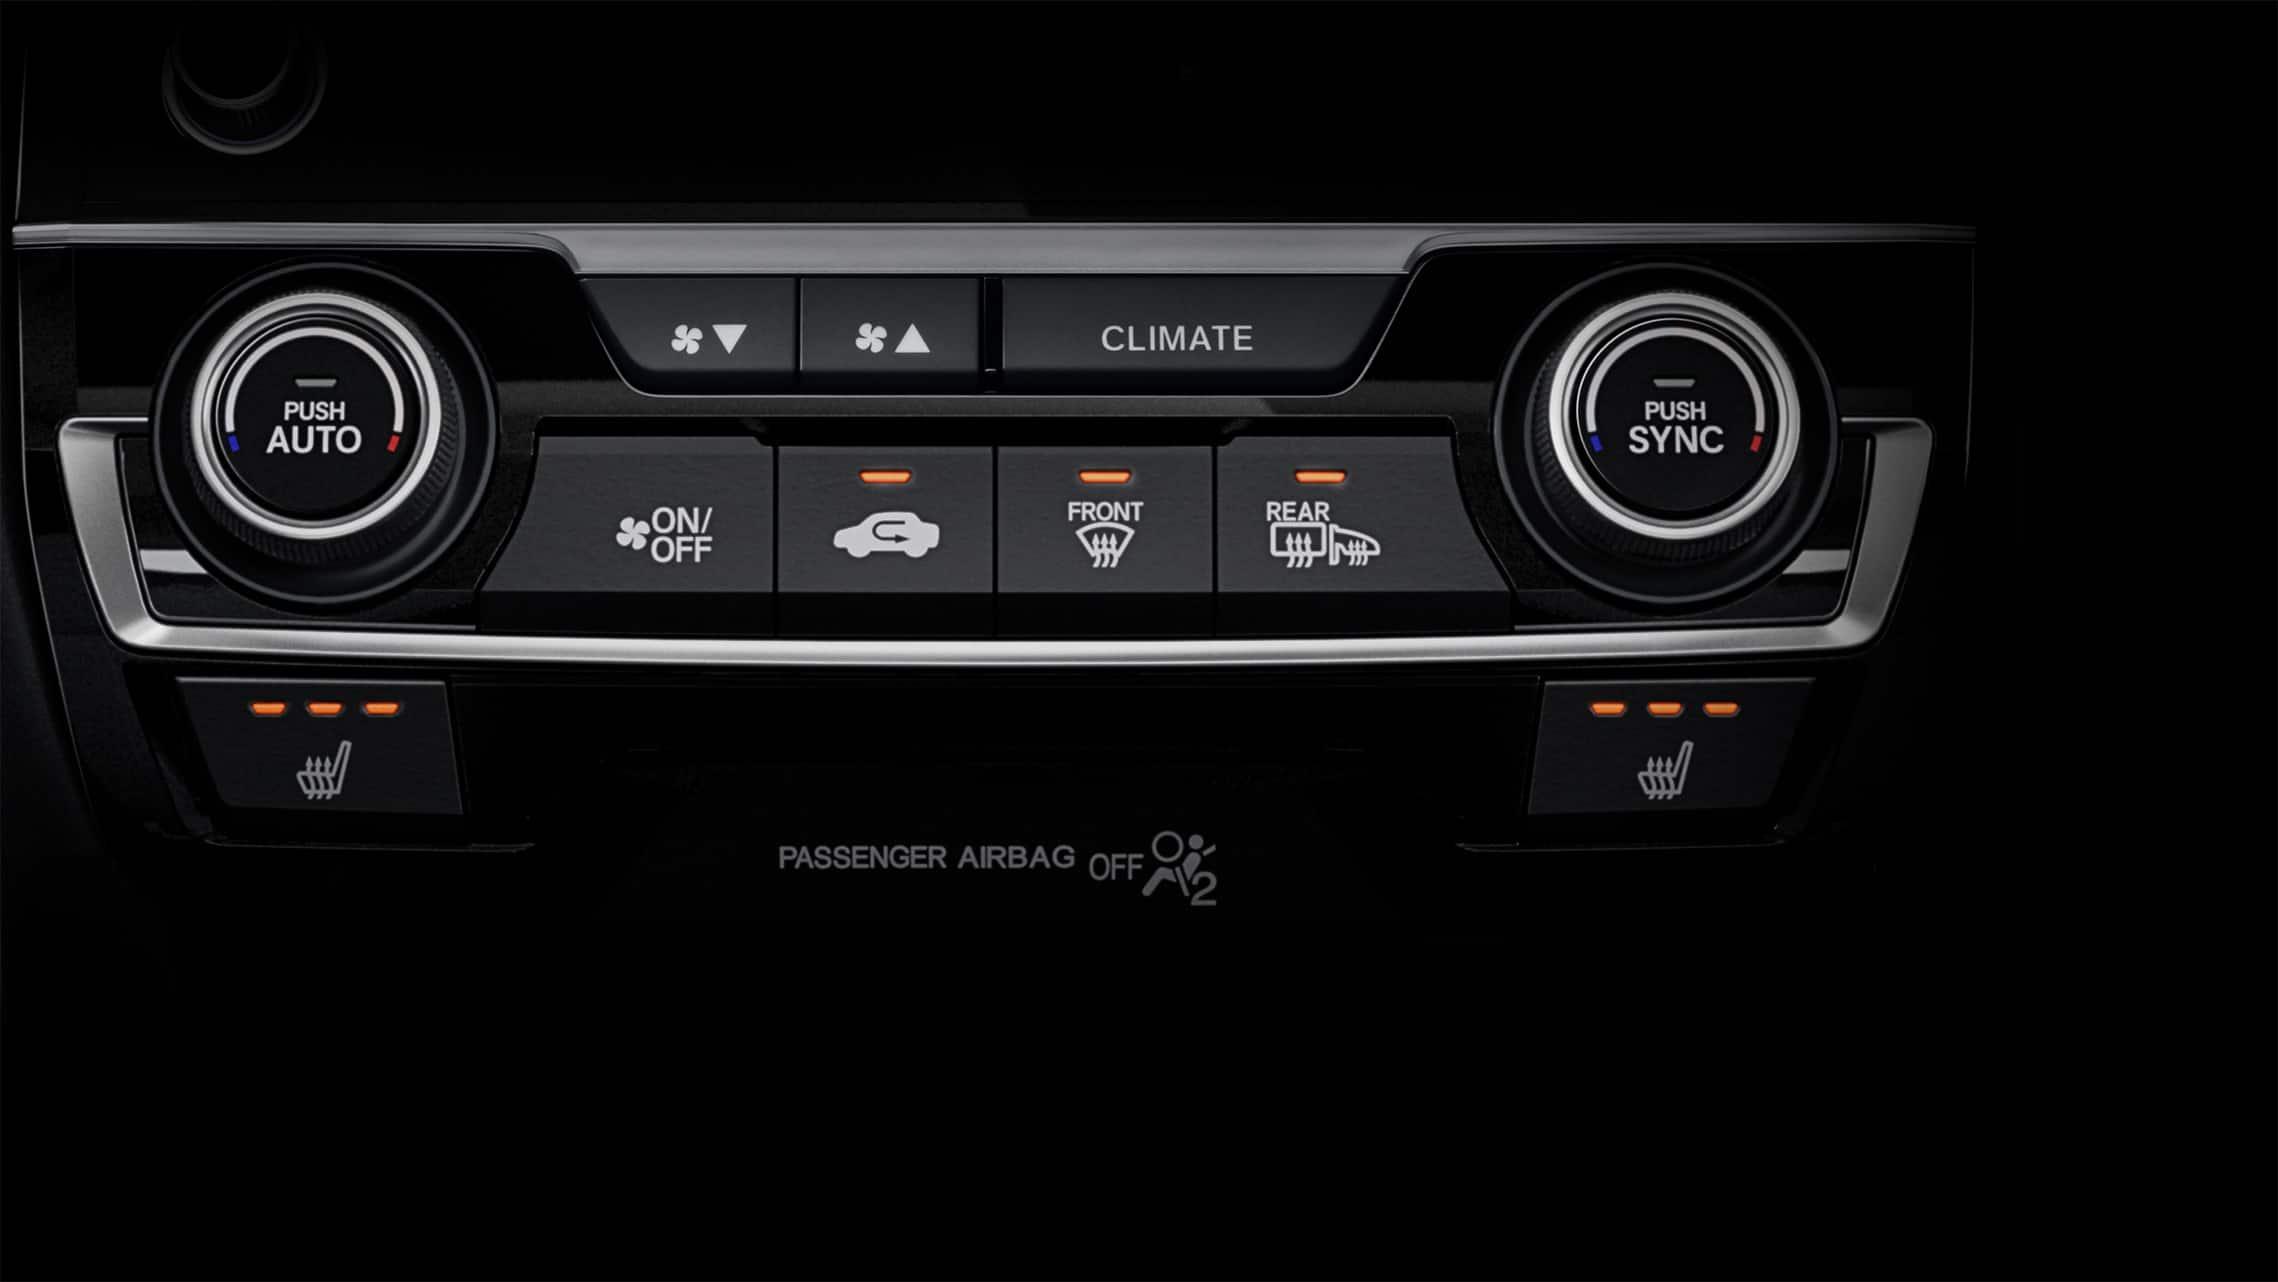 Detalle de controles de asientos calefaccionados en el Honda Civic Sport Touring Hatchback2020.